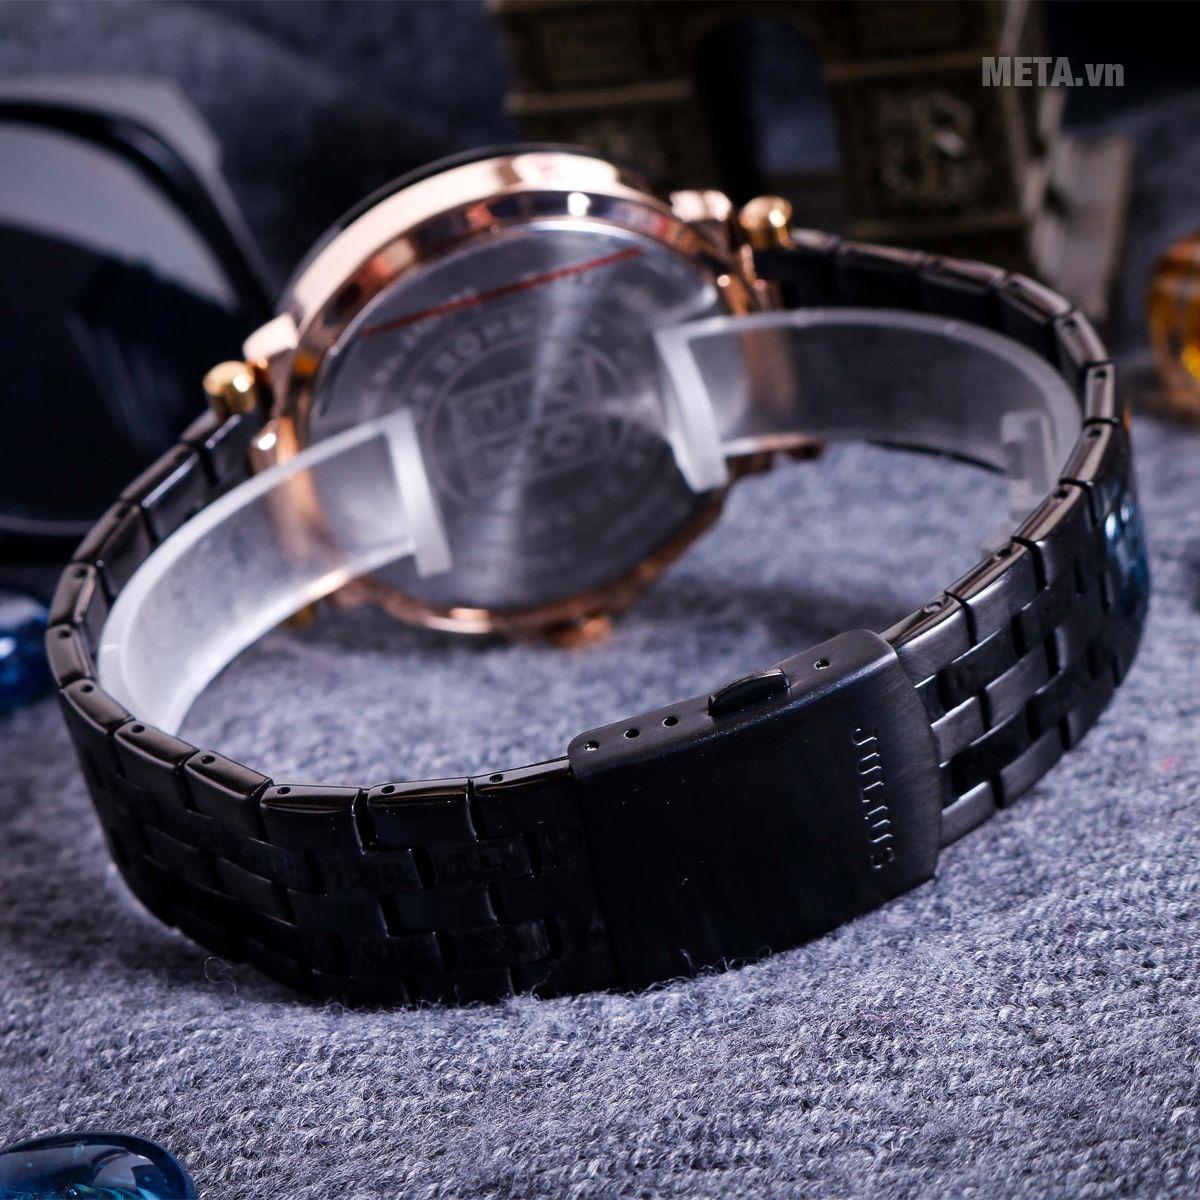 đồng hồ nào tốt nhất